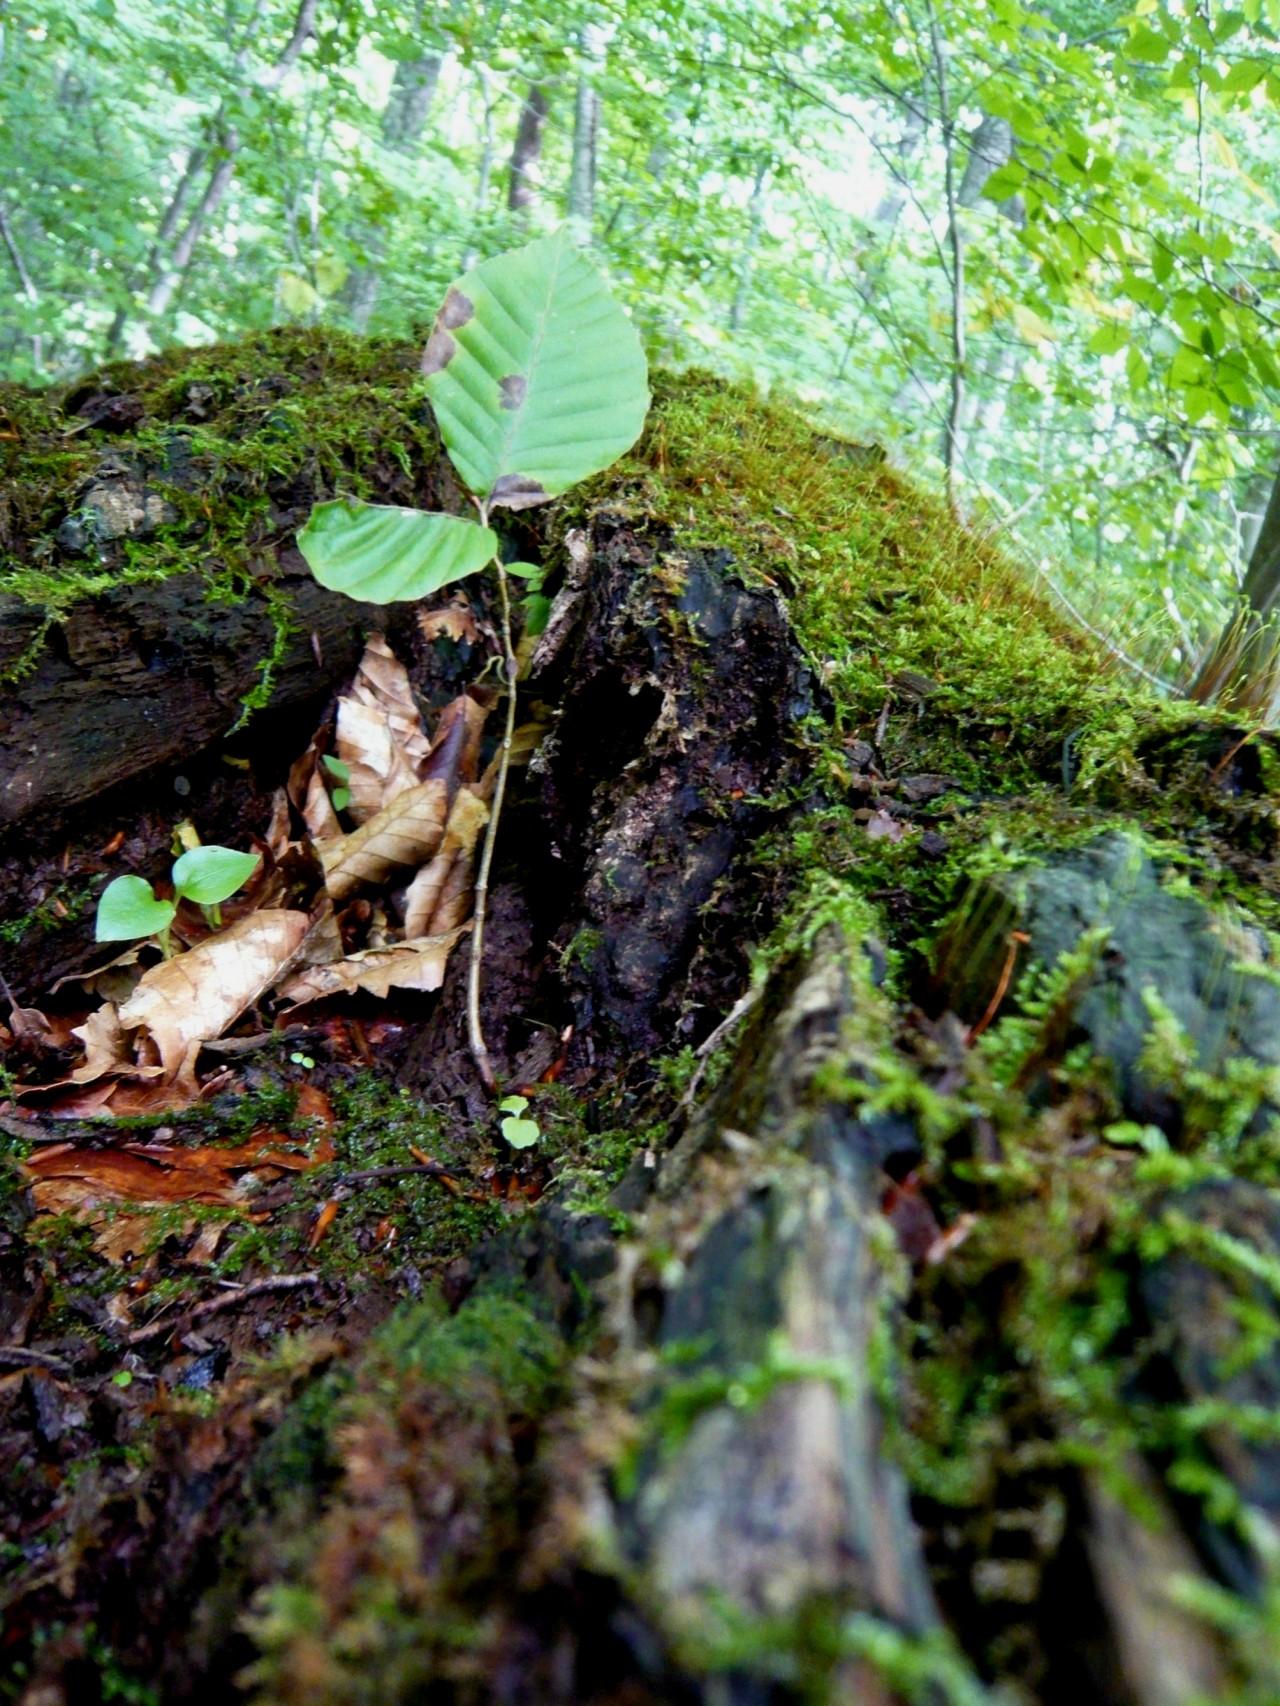 青森 上北 十和田市 風景 秋 奥入瀬渓流 蔦の森 自然 苔